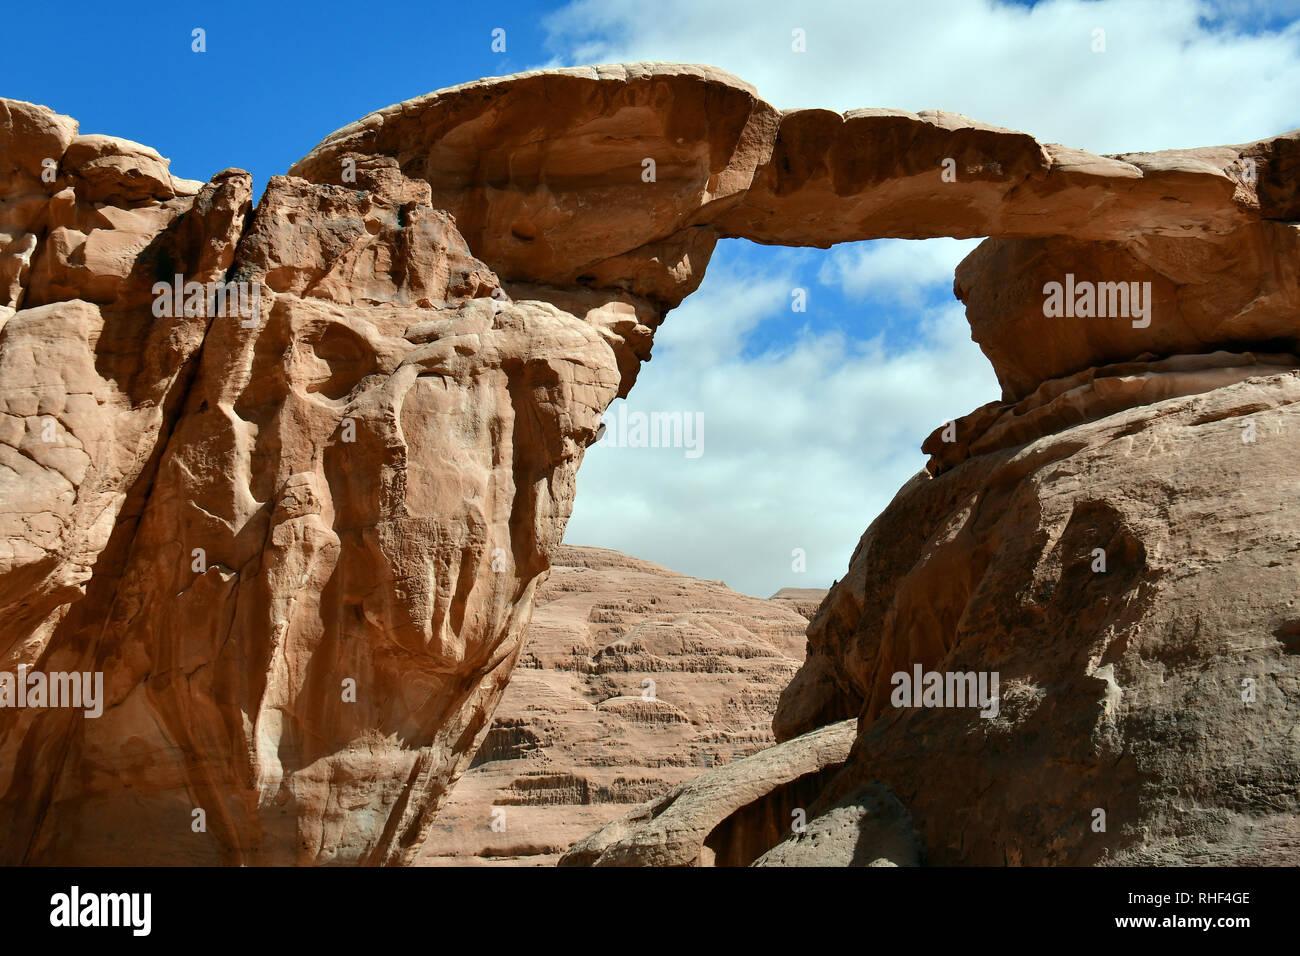 Um Fruth ponte in pietra a Wadi Rum desert. L'area protetta elencati come patrimonio mondiale dall' UNESCO, Giordania Foto Stock